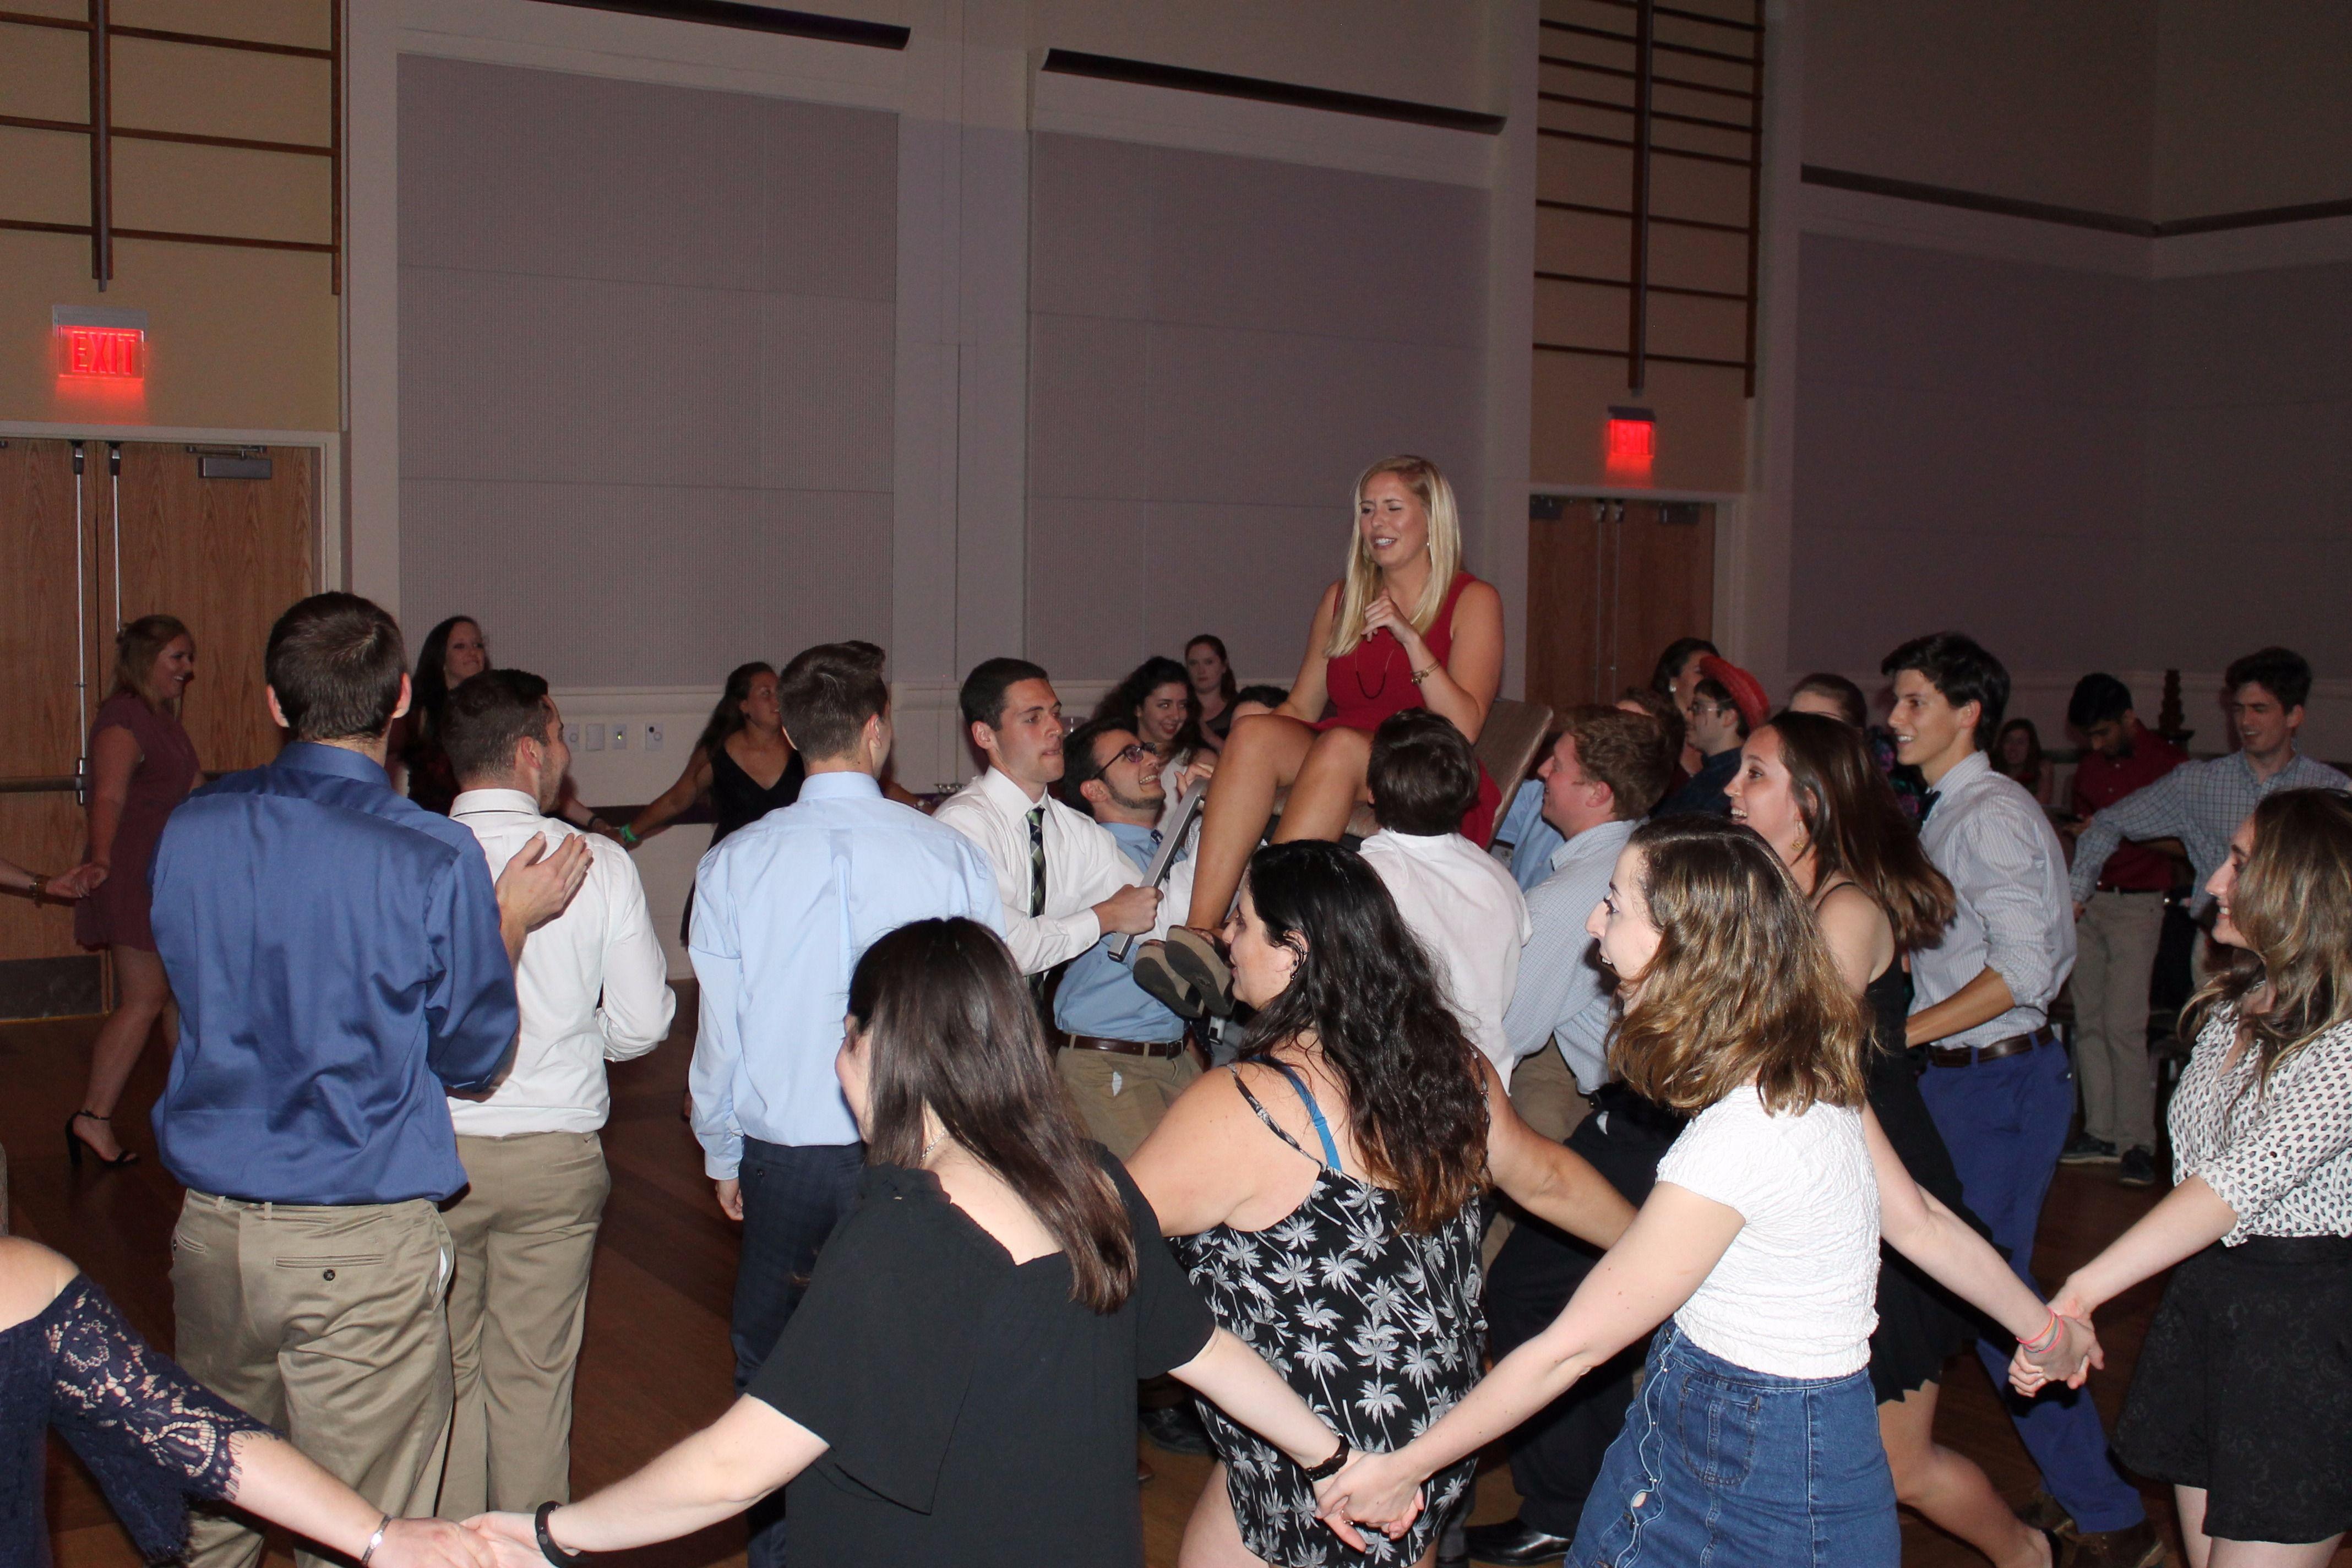 Jewish students celebrate Matza Ball 2017 at NC State.